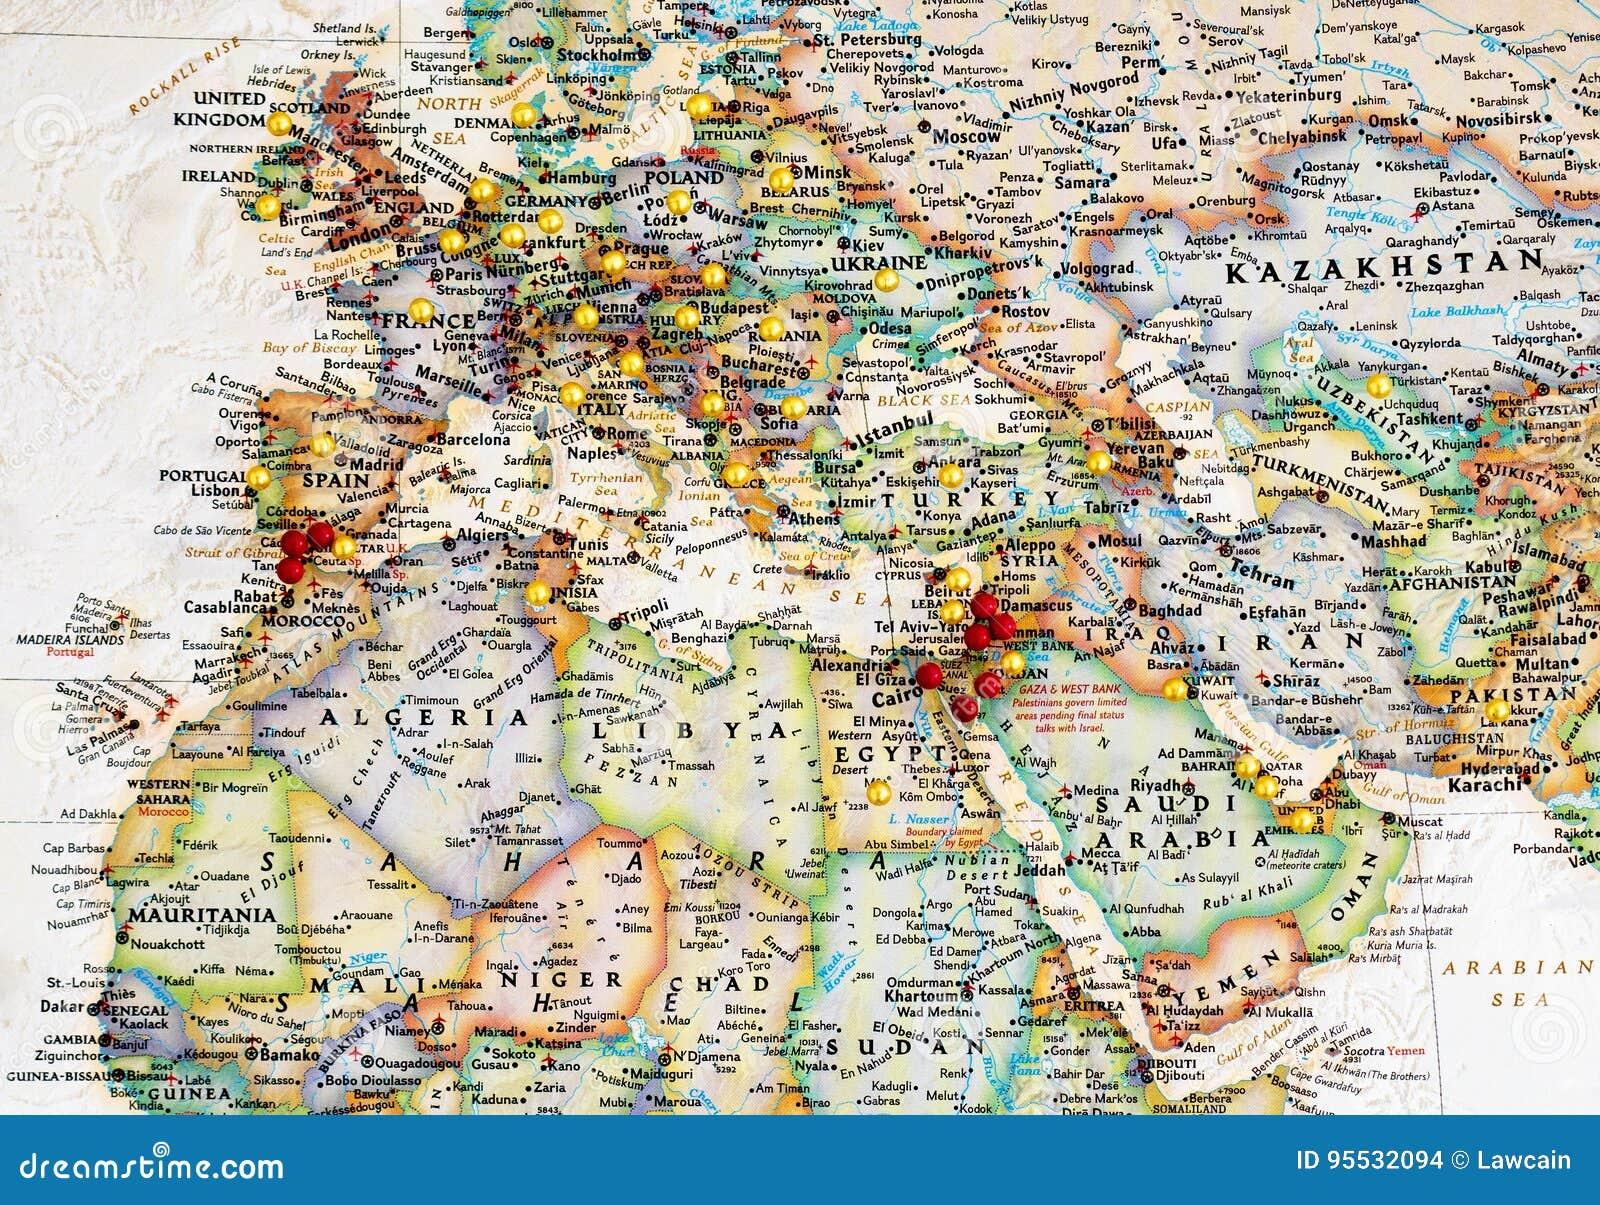 Carte De Leurope Et Moyen Orient.Carte De L Europe Et De Moyen Orient Avec Des Pointes De